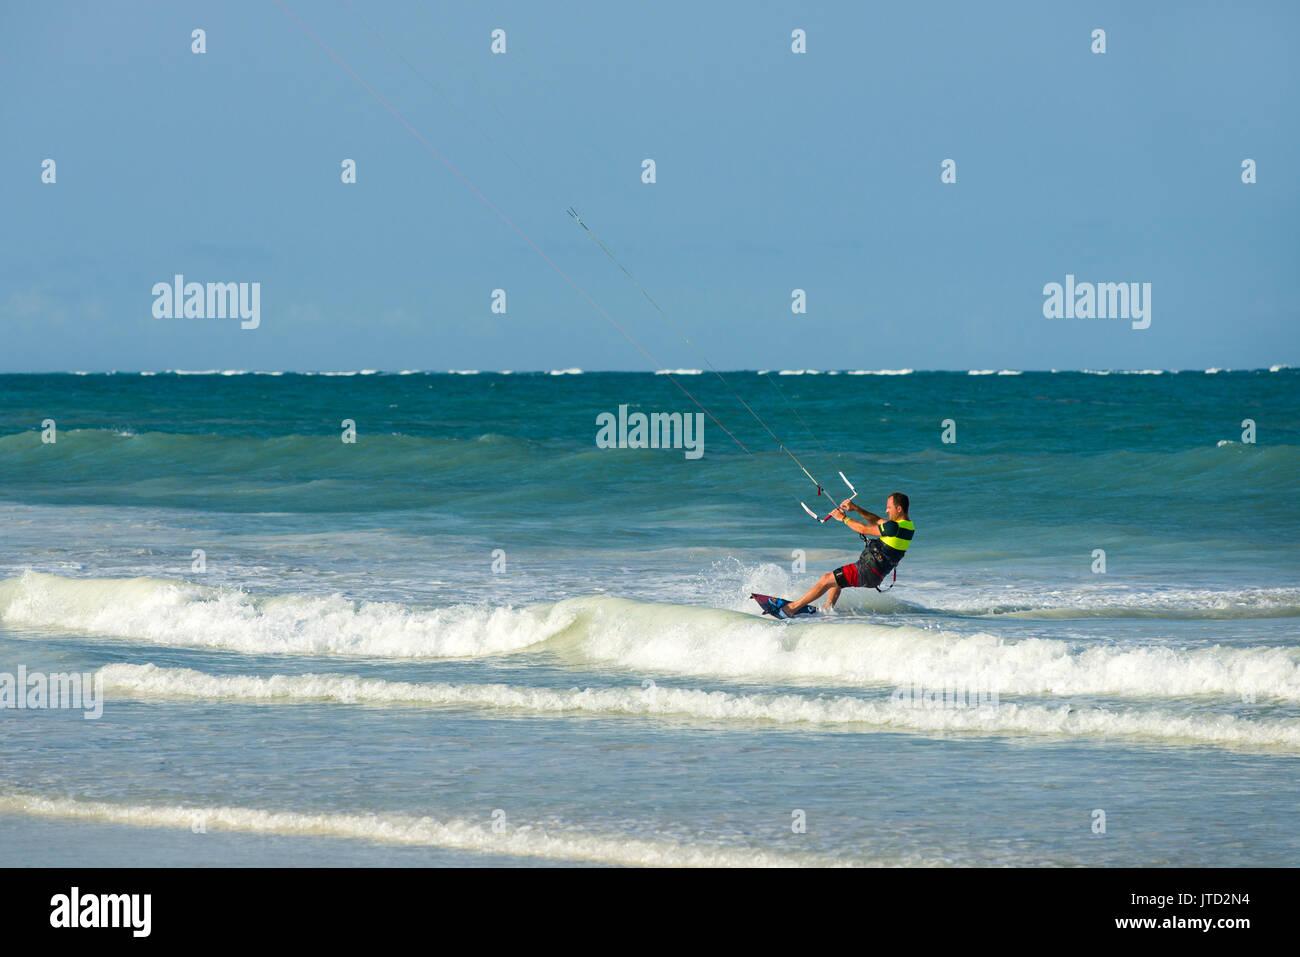 Kite surfer, Diani, Kenya - Stock Image